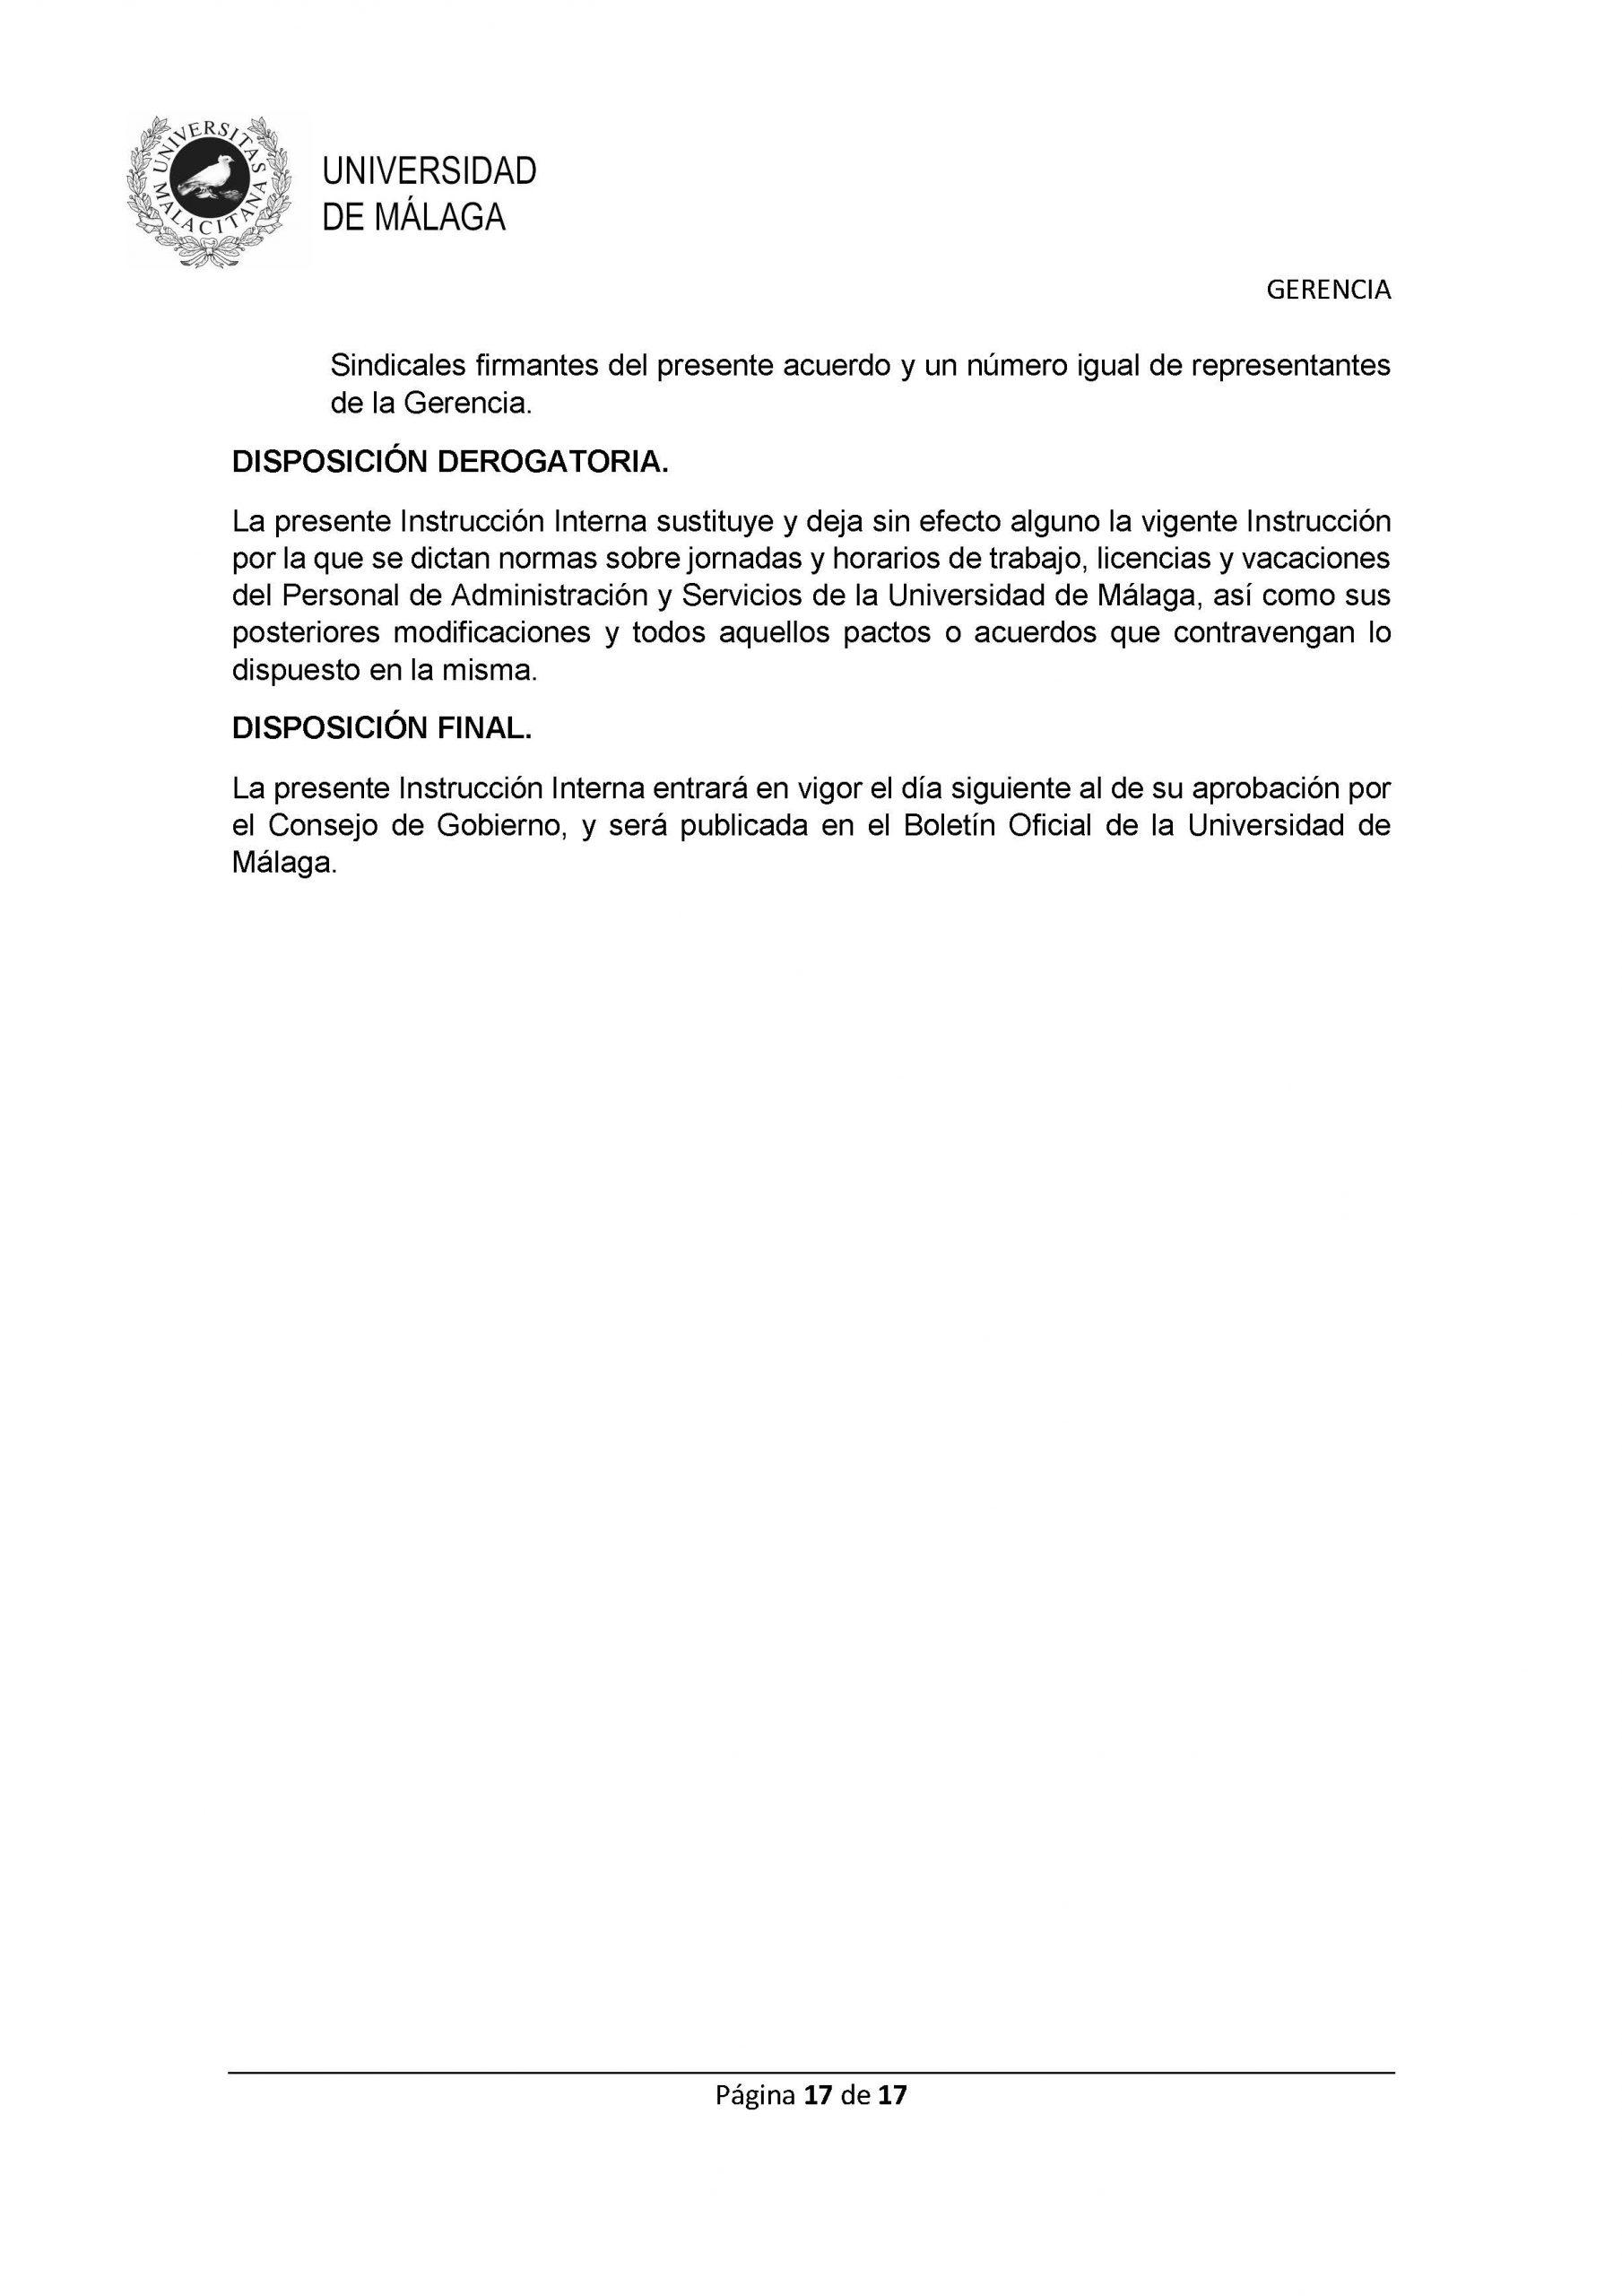 instruccion_interna_texto_final_5_de_mayo_pgina_17